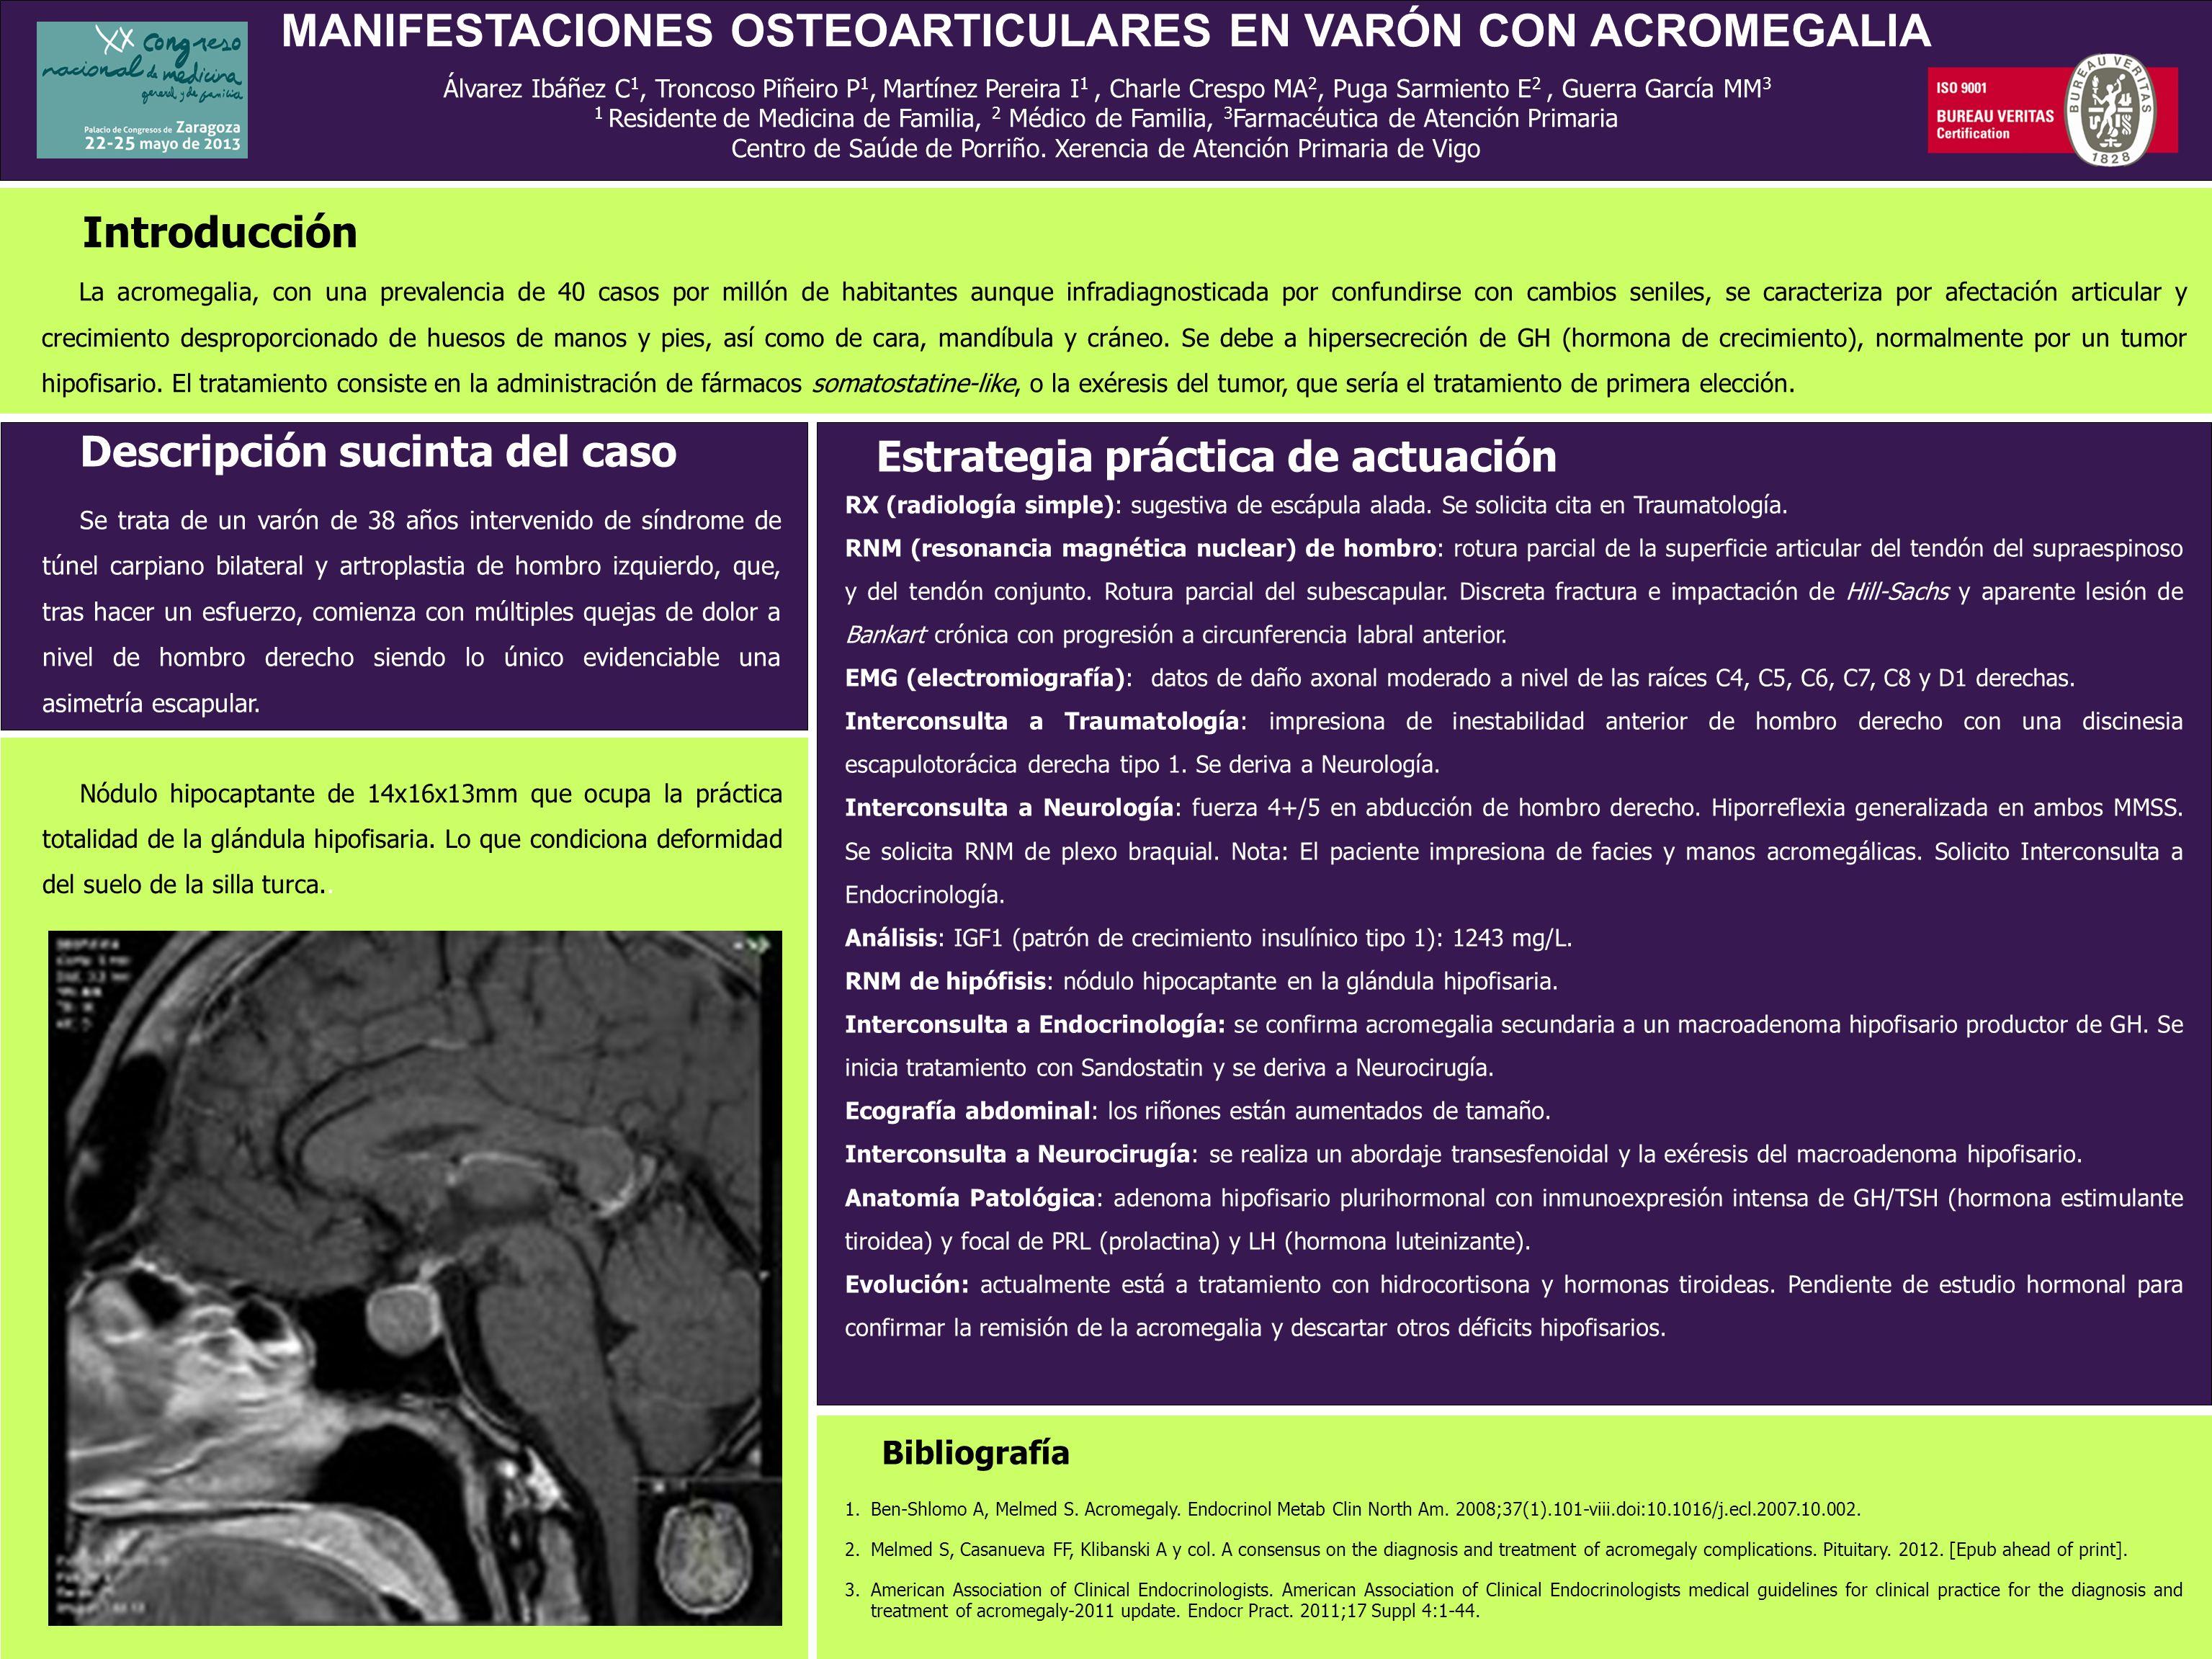 MANIFESTACIONES OSTEOARTICULARES EN VARÓN CON ACROMEGALIA